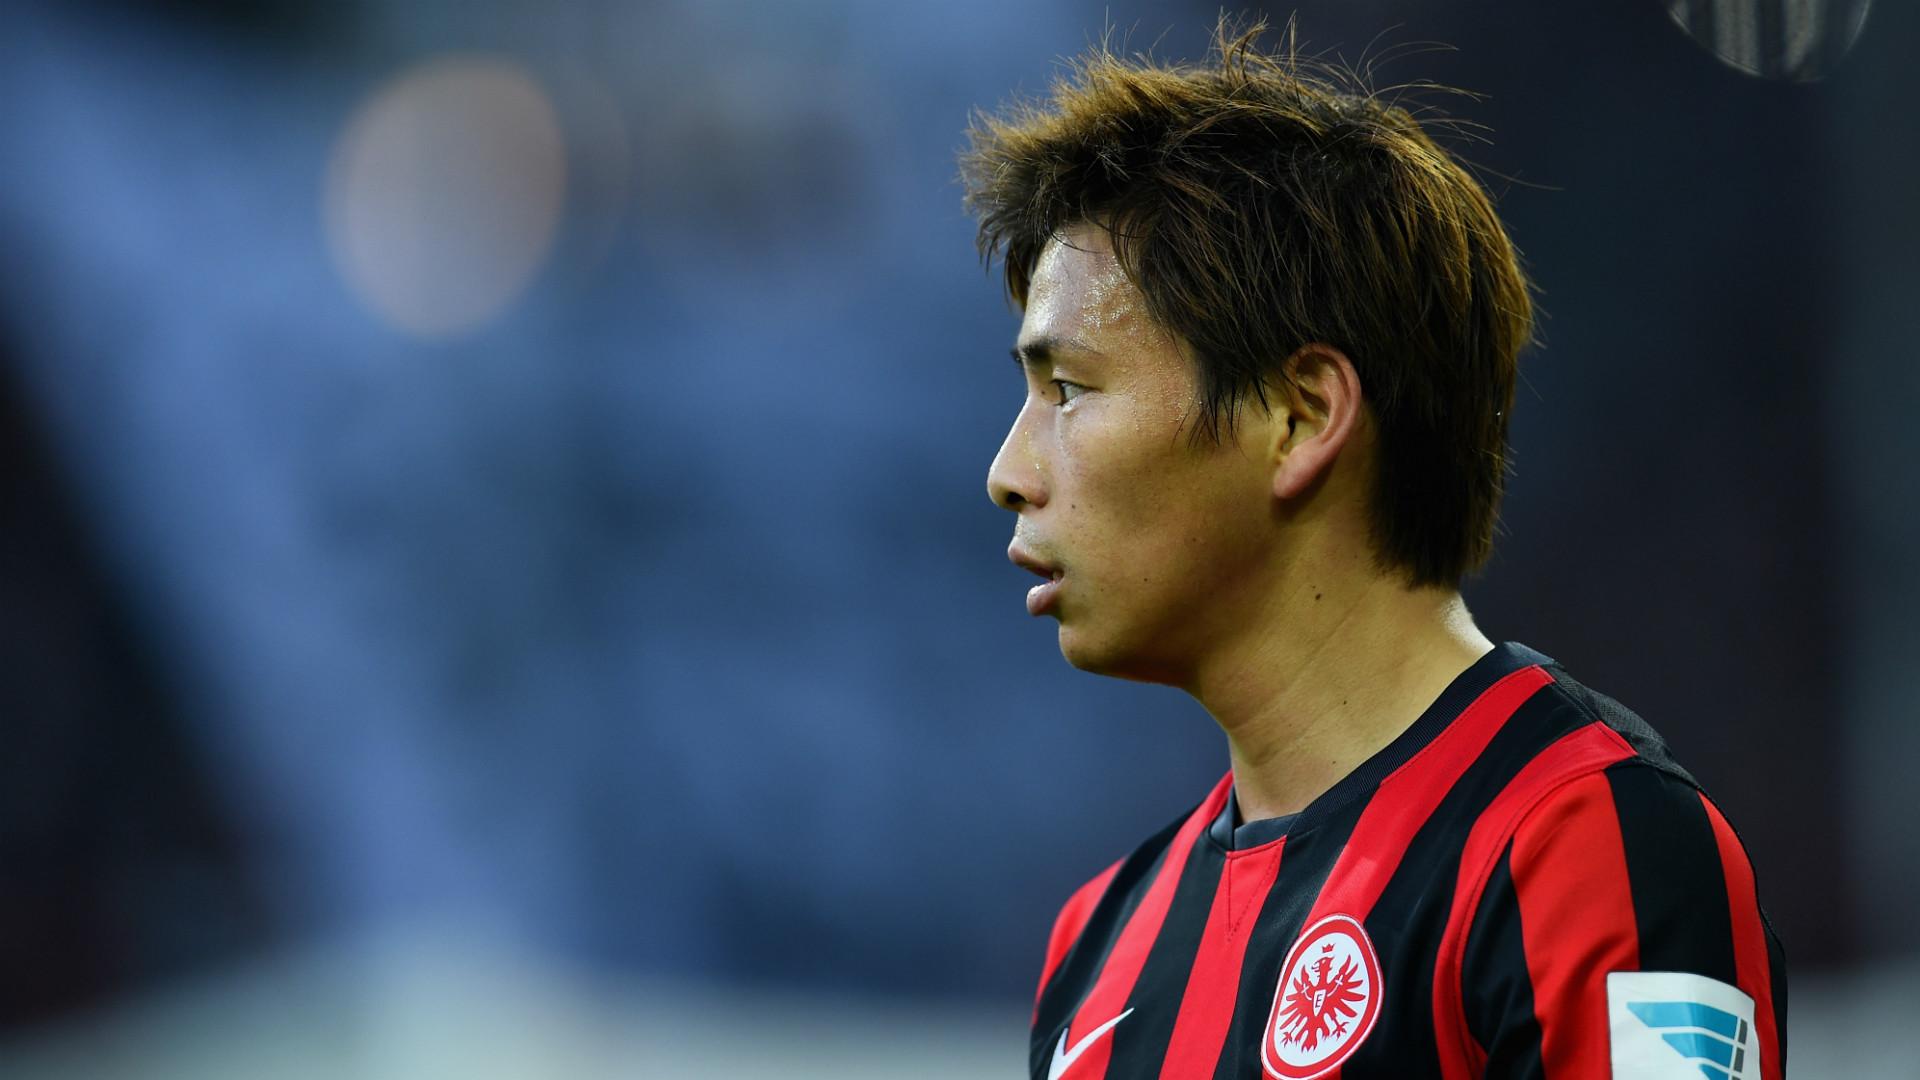 Después de pasar por el Bochum y el Eintracht, la aventura alemana de Takashi Inui ahora tomea rumbo a España. Imagen Fuente: celebsimg.com